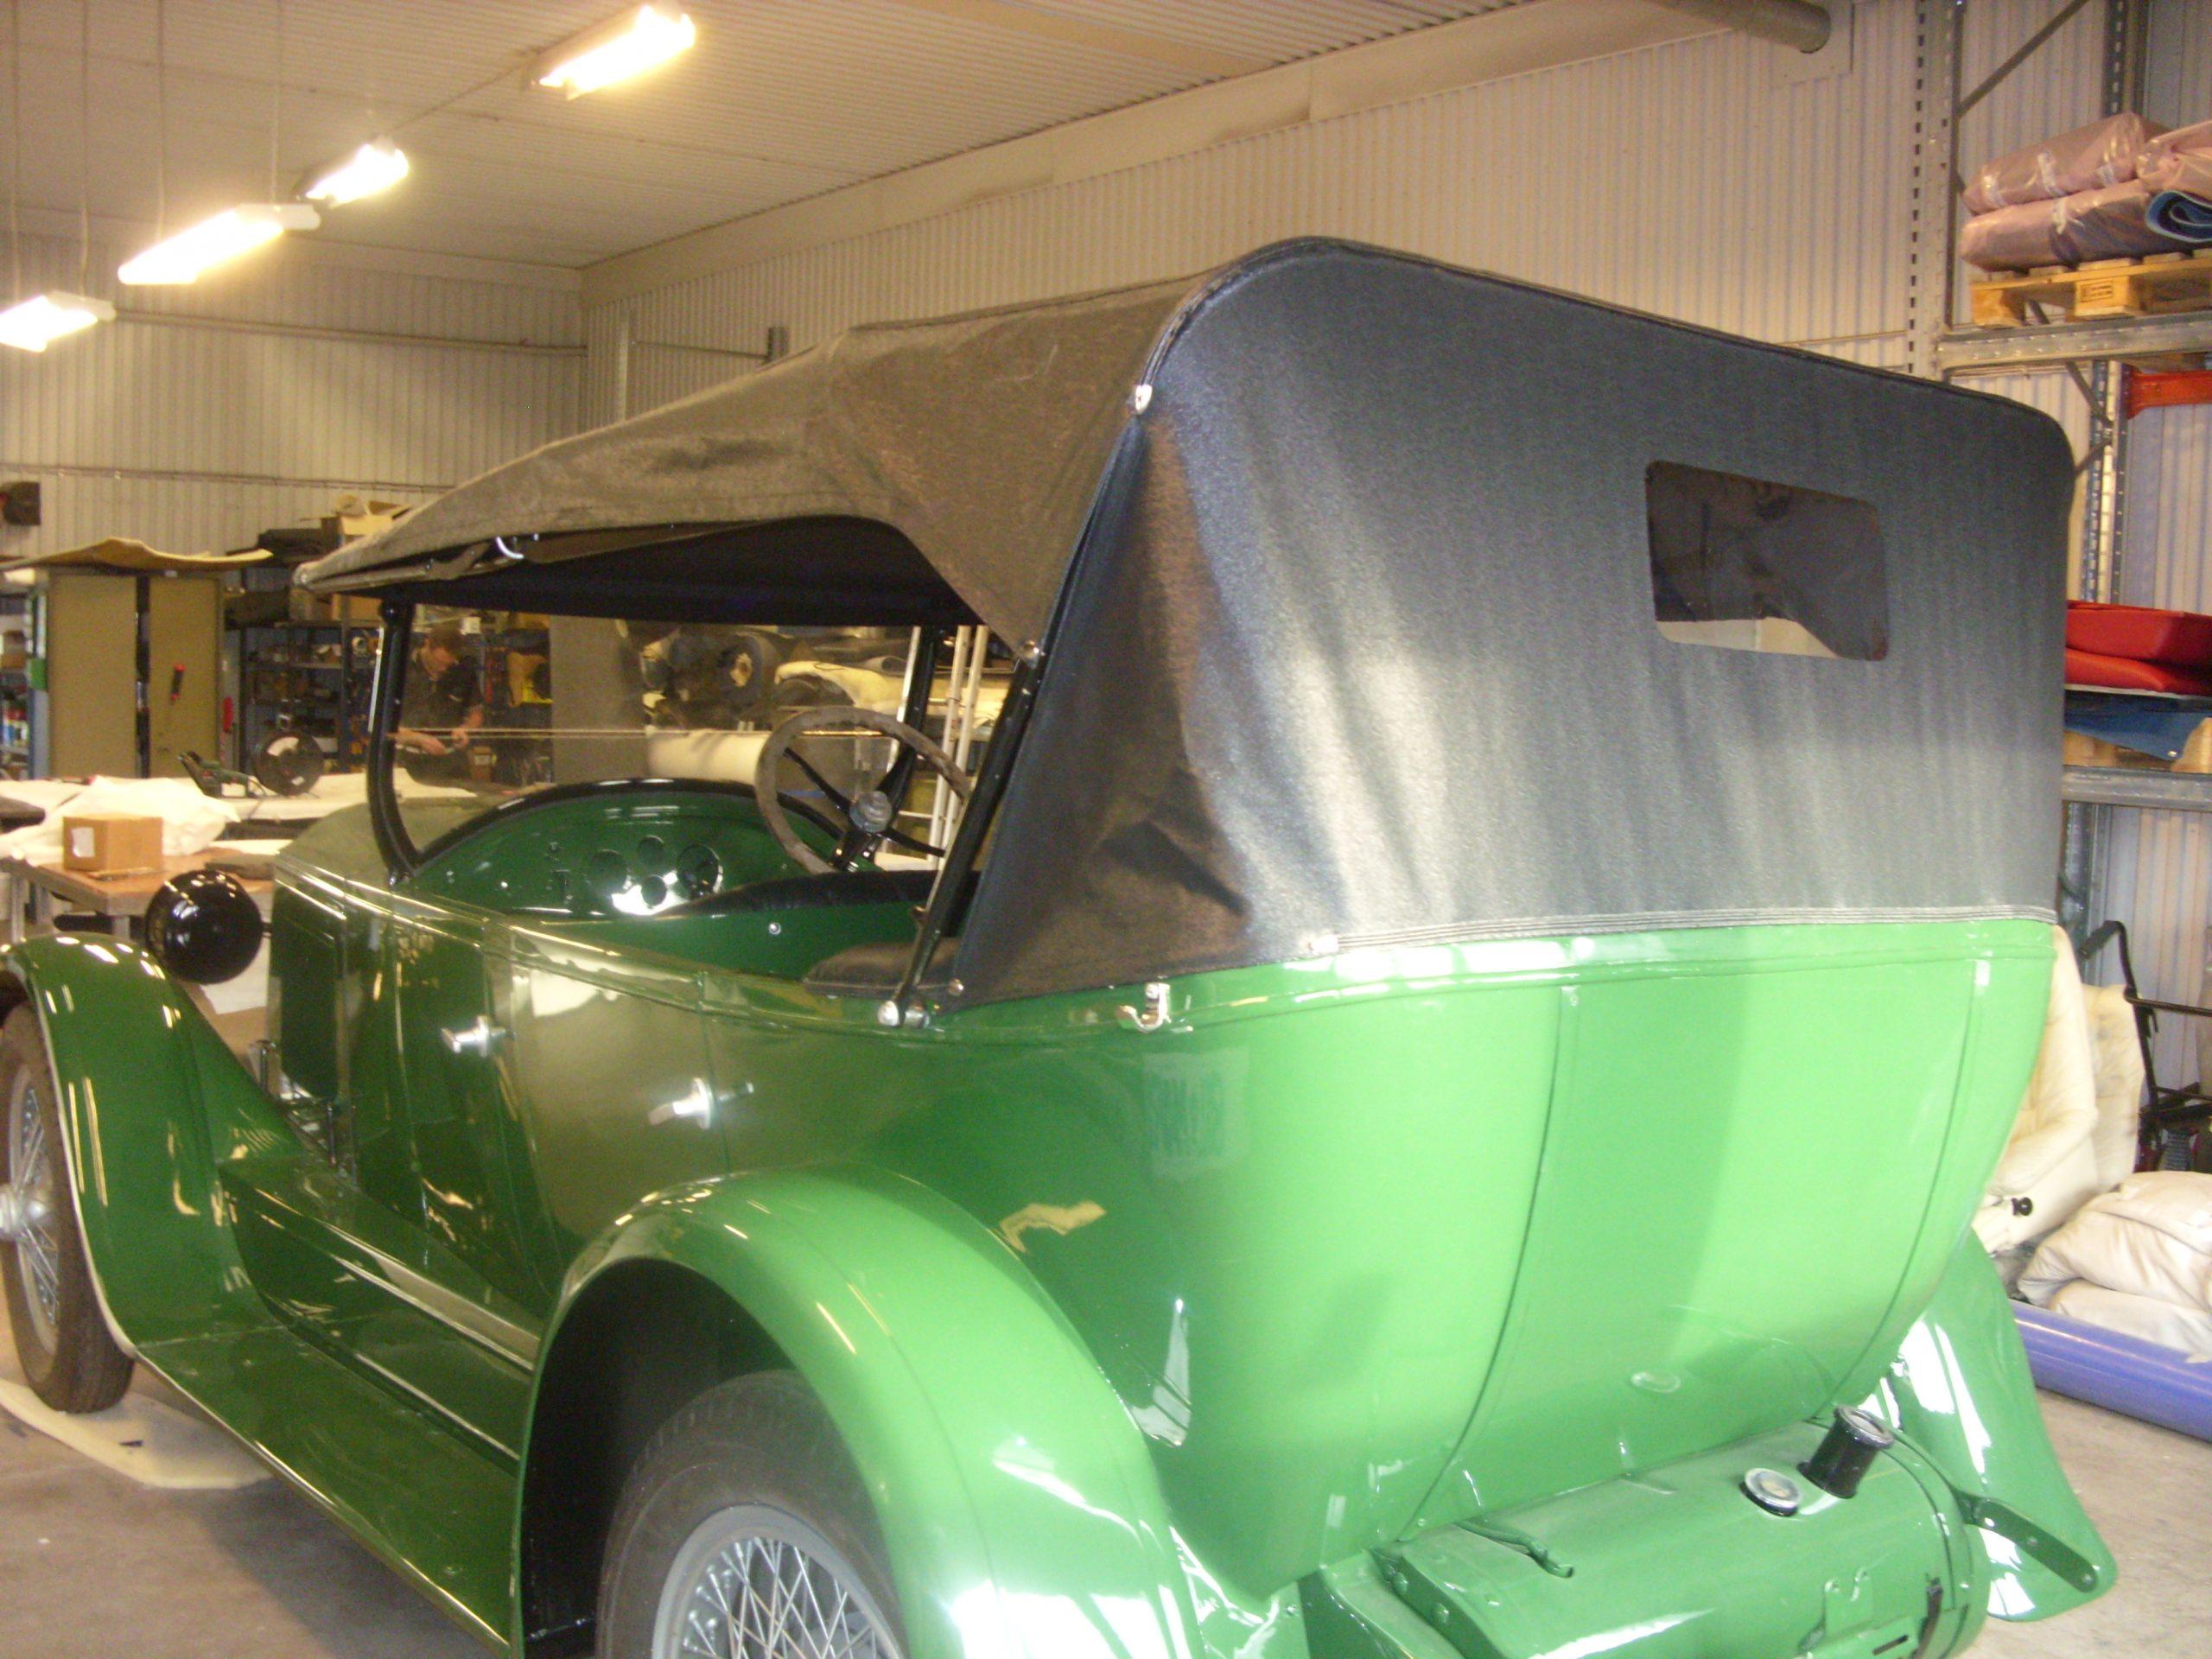 En grön bil i inomhusmiljö